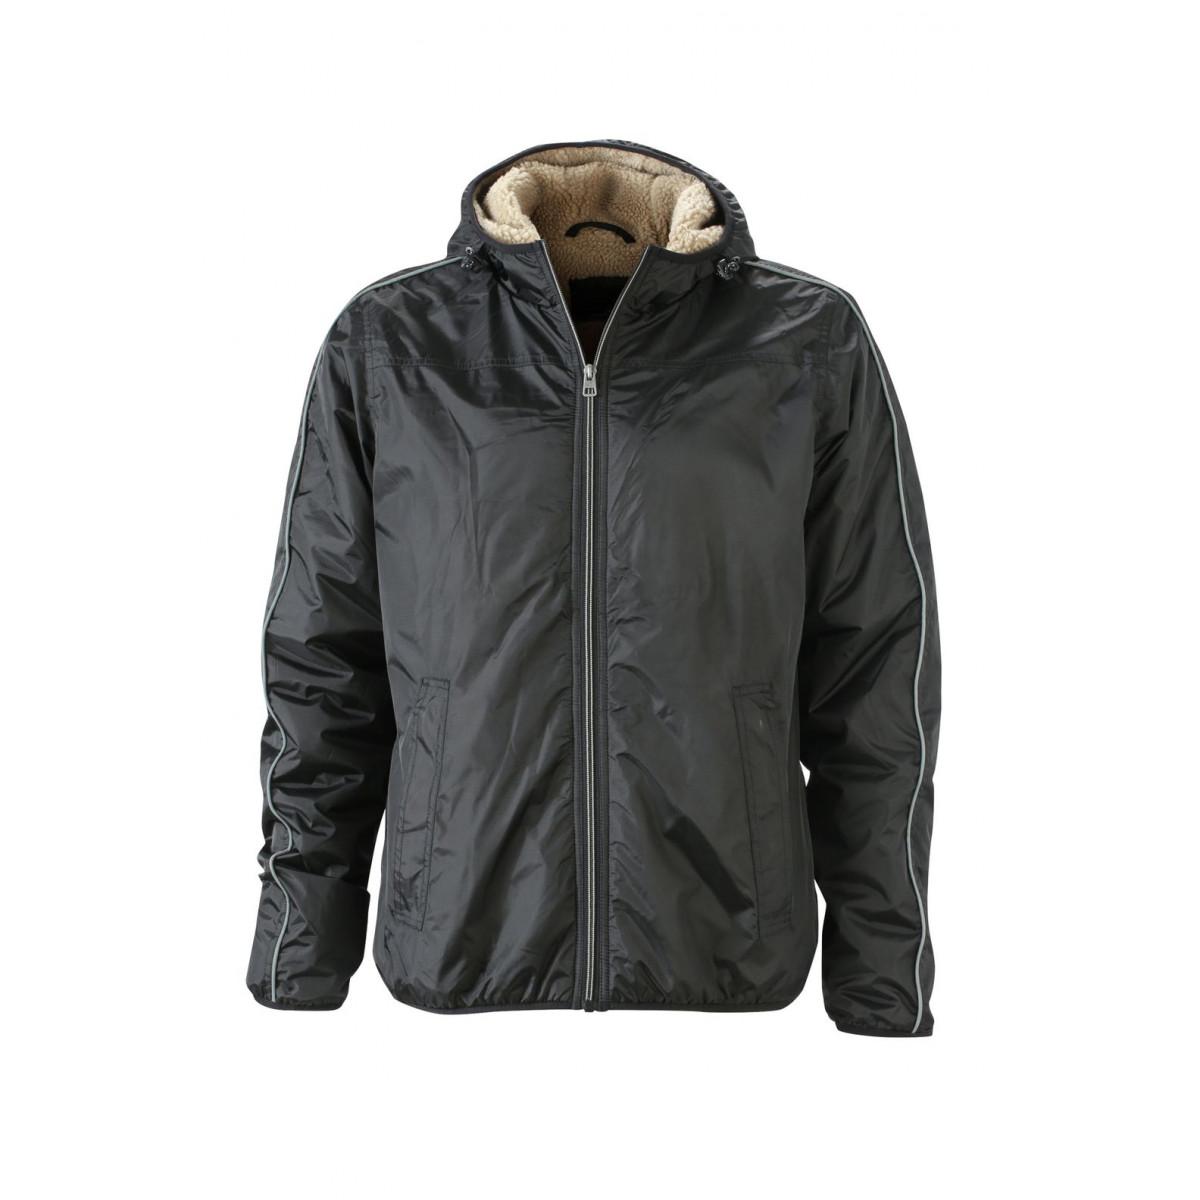 Куртка мужская JN1104 Mens Winter Sports Jacket - Черный/Желтый